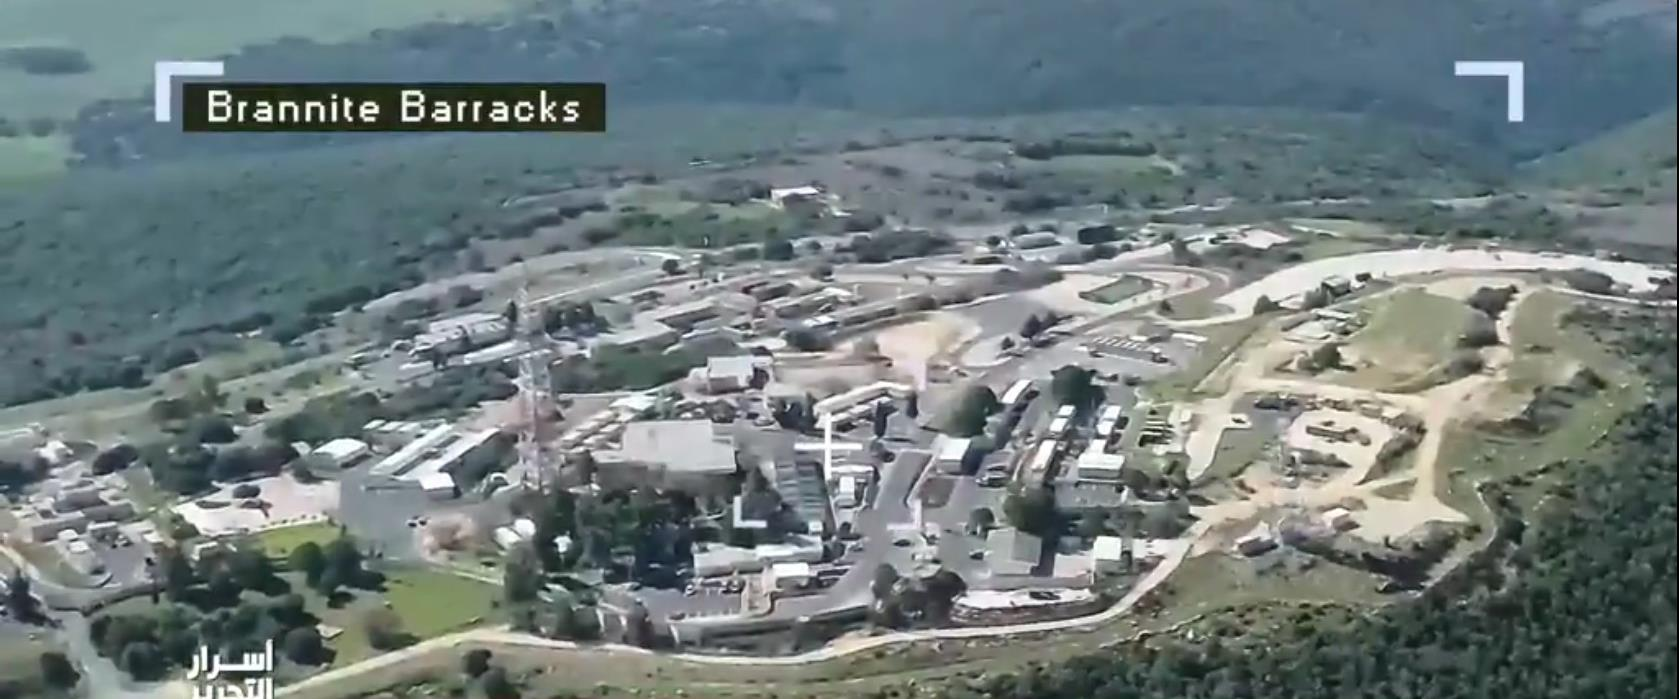 תמונות מערוץ אל-מנאר